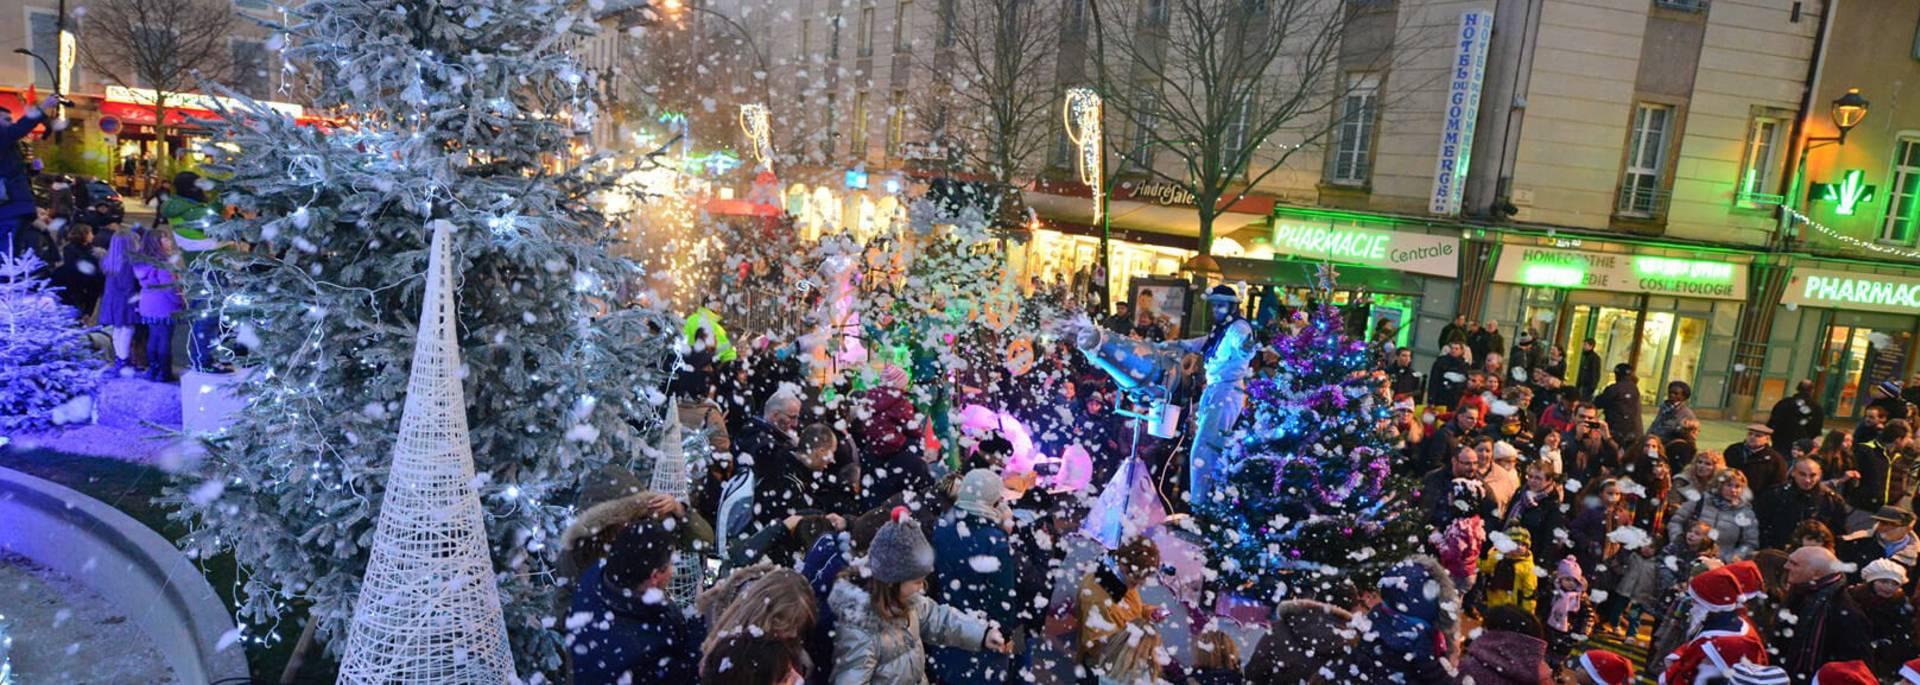 Parade de Noël Millau 2019©aurelientrompeau